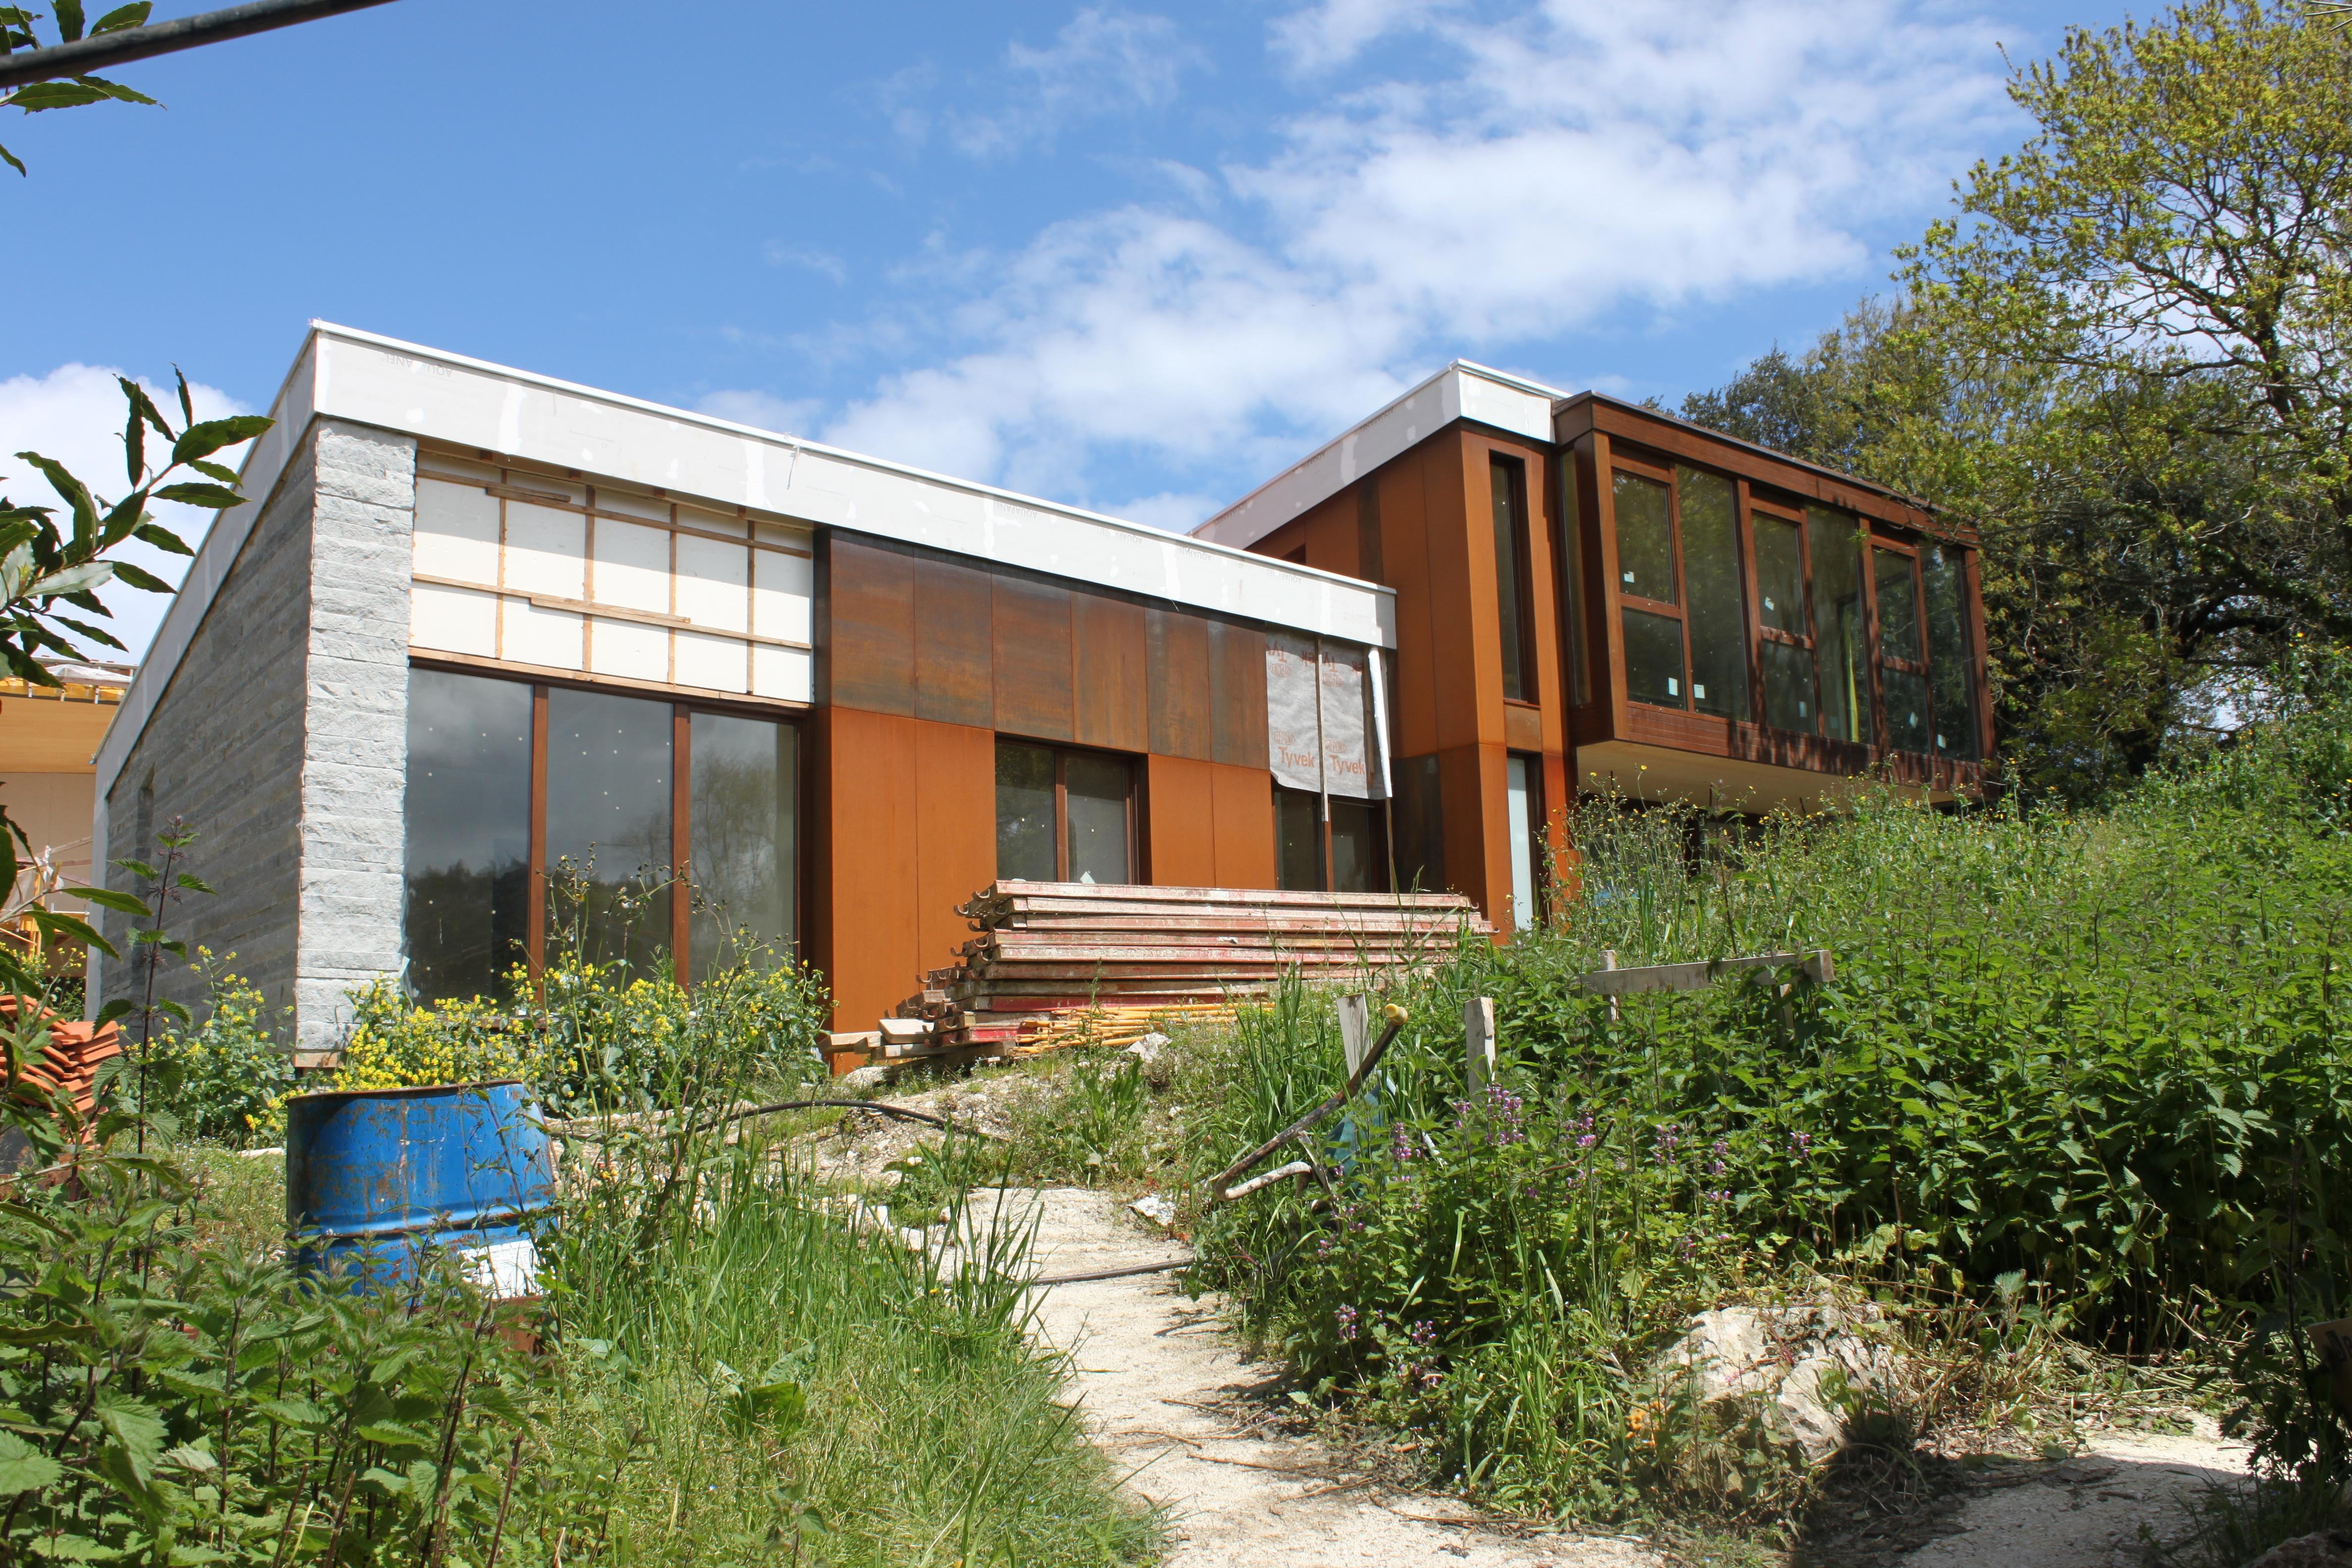 Duqueyzamora arquitectos domingo de excursi n a las casas - Casas el bosque ...